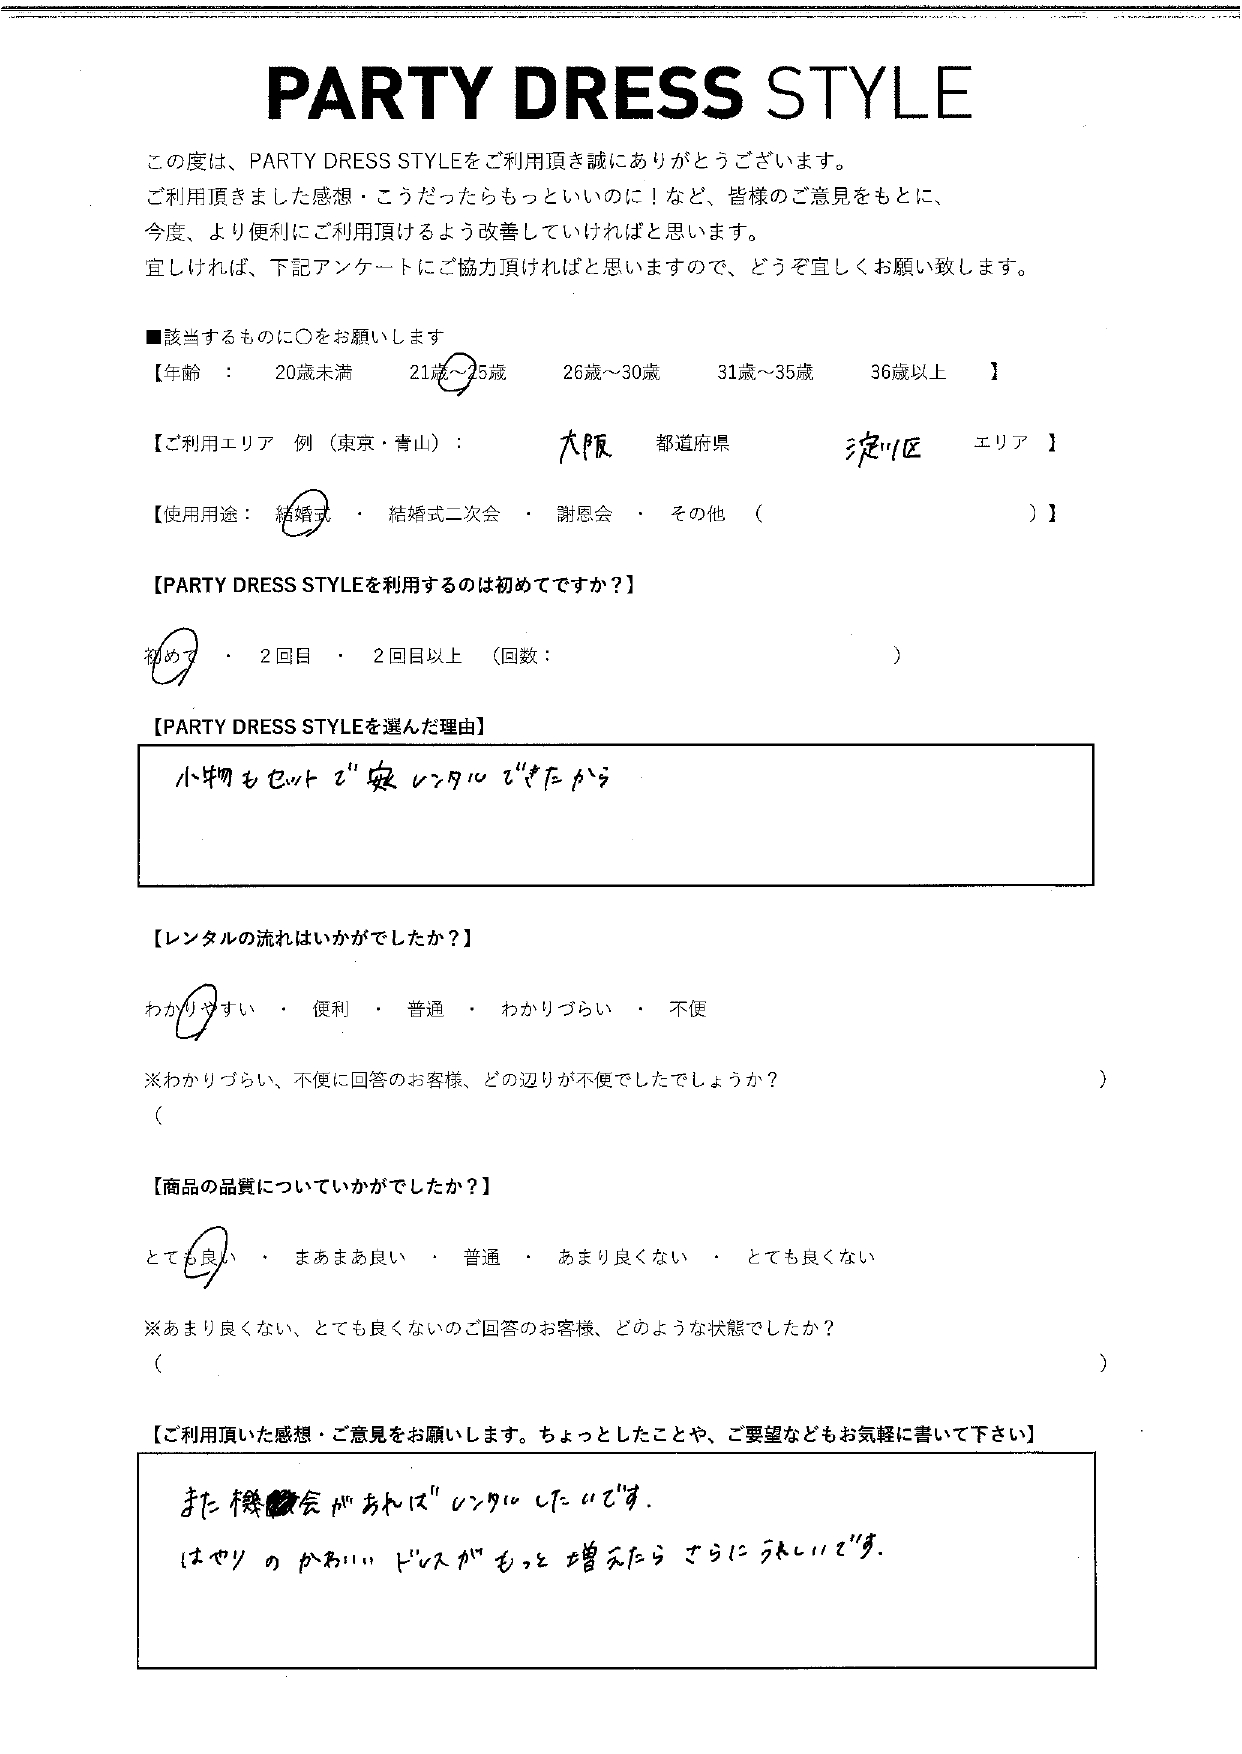 9/23結婚式ご利用 大阪・淀川エリア